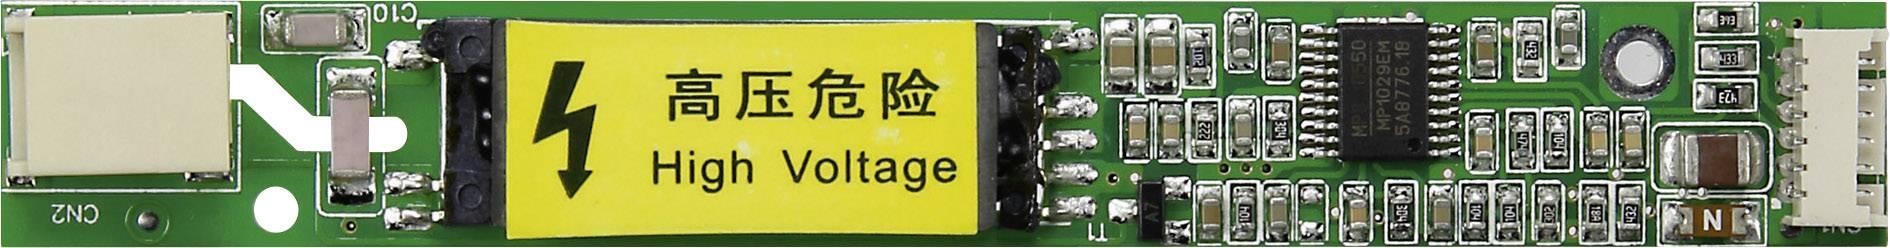 LCD invertor TPI-01-0110, vhodný pro CCFL podsvícení displeje, 12 V, (d x š x v) 90 x 12 x 6 mm